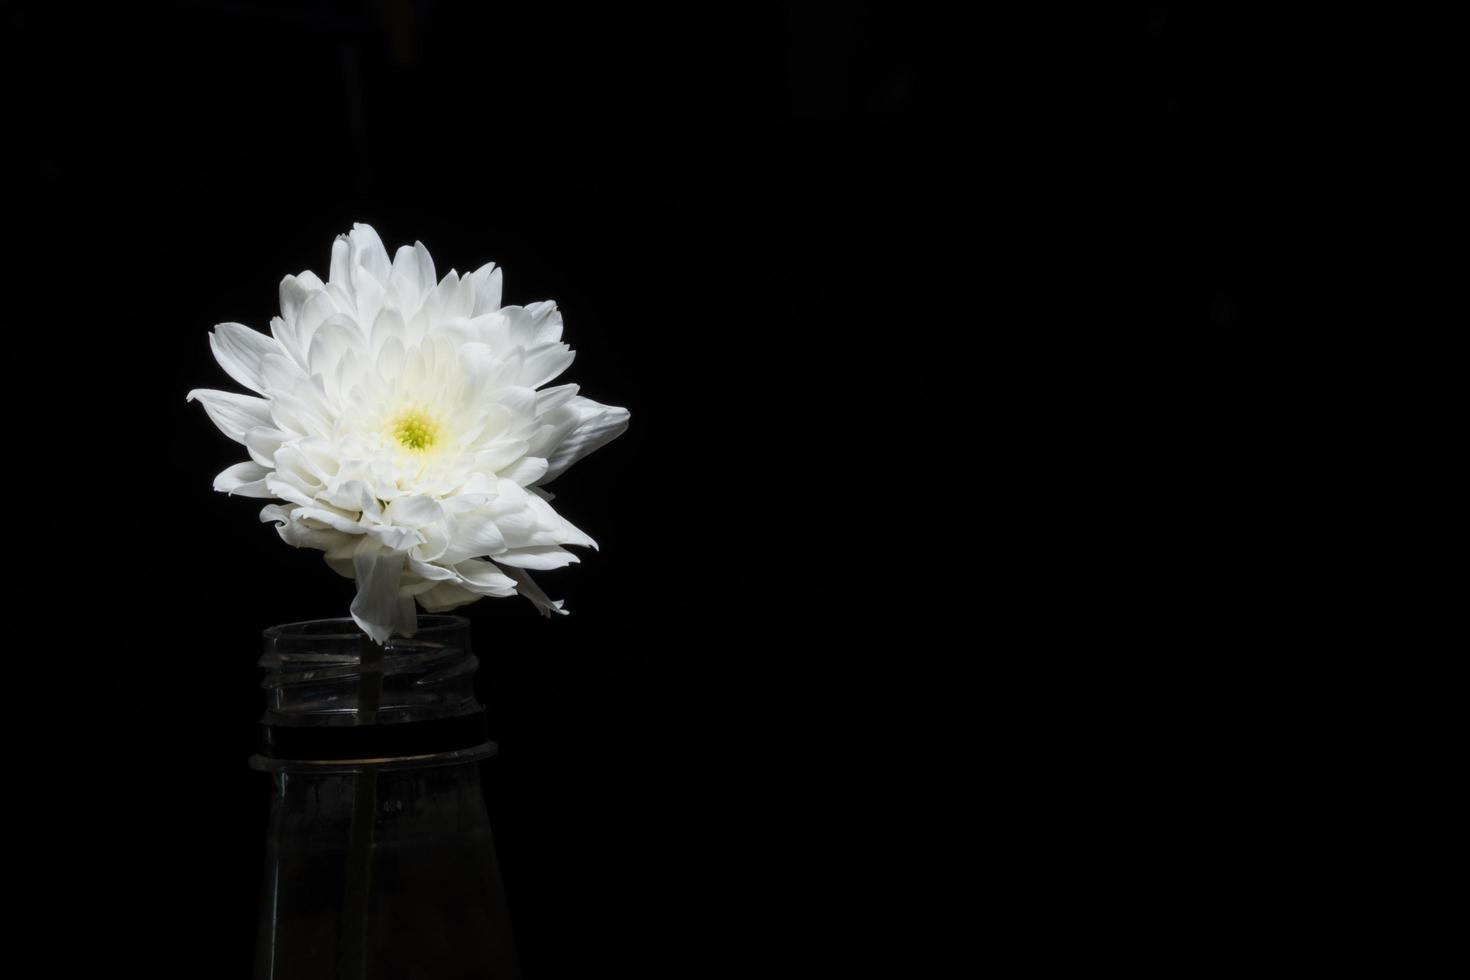 chrysanthème fleur blanche sur fond noir photo